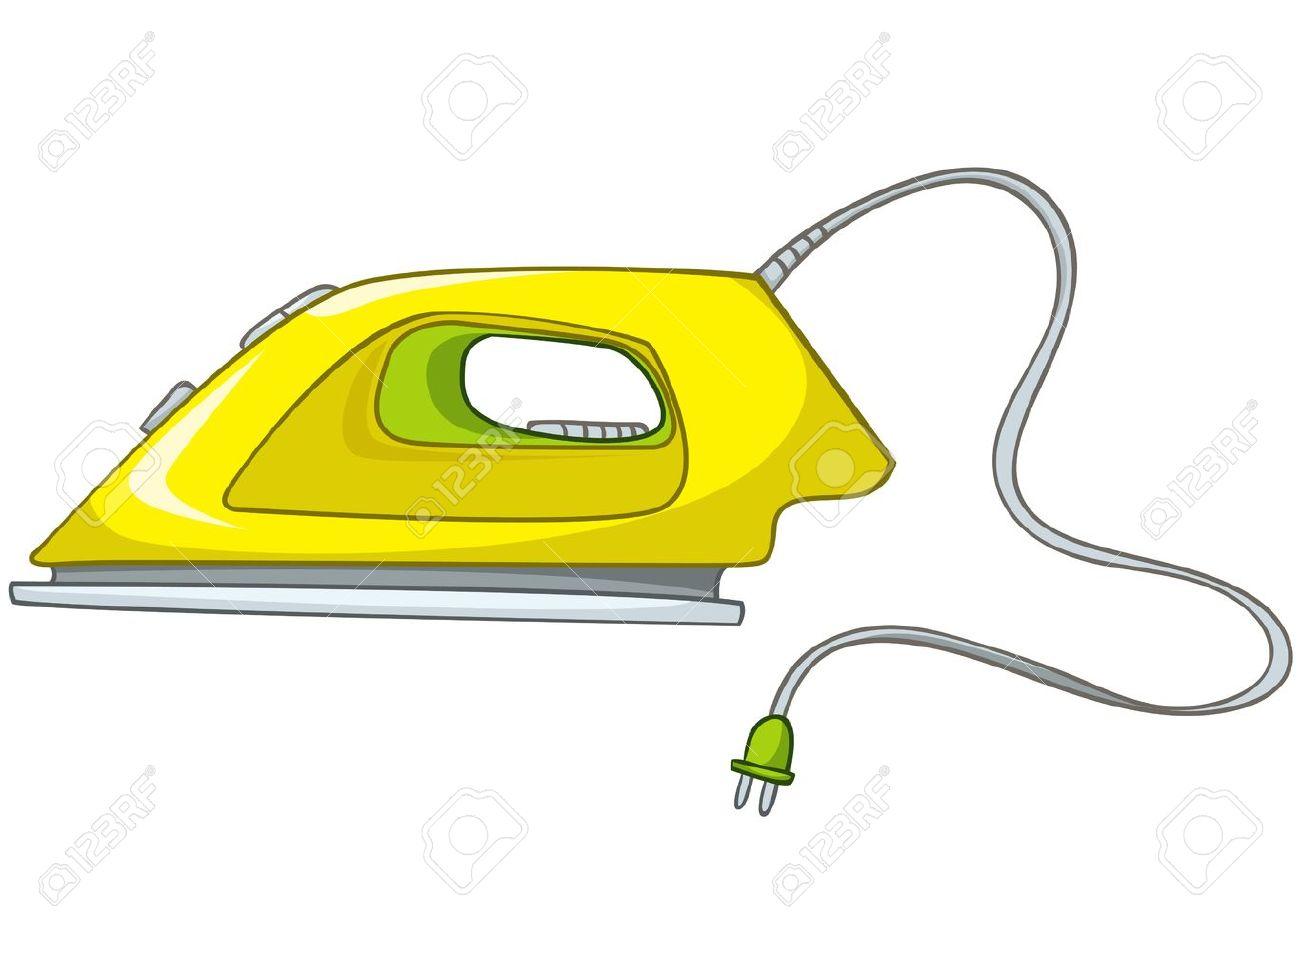 Cartoons Home Appliences Flat Iron.